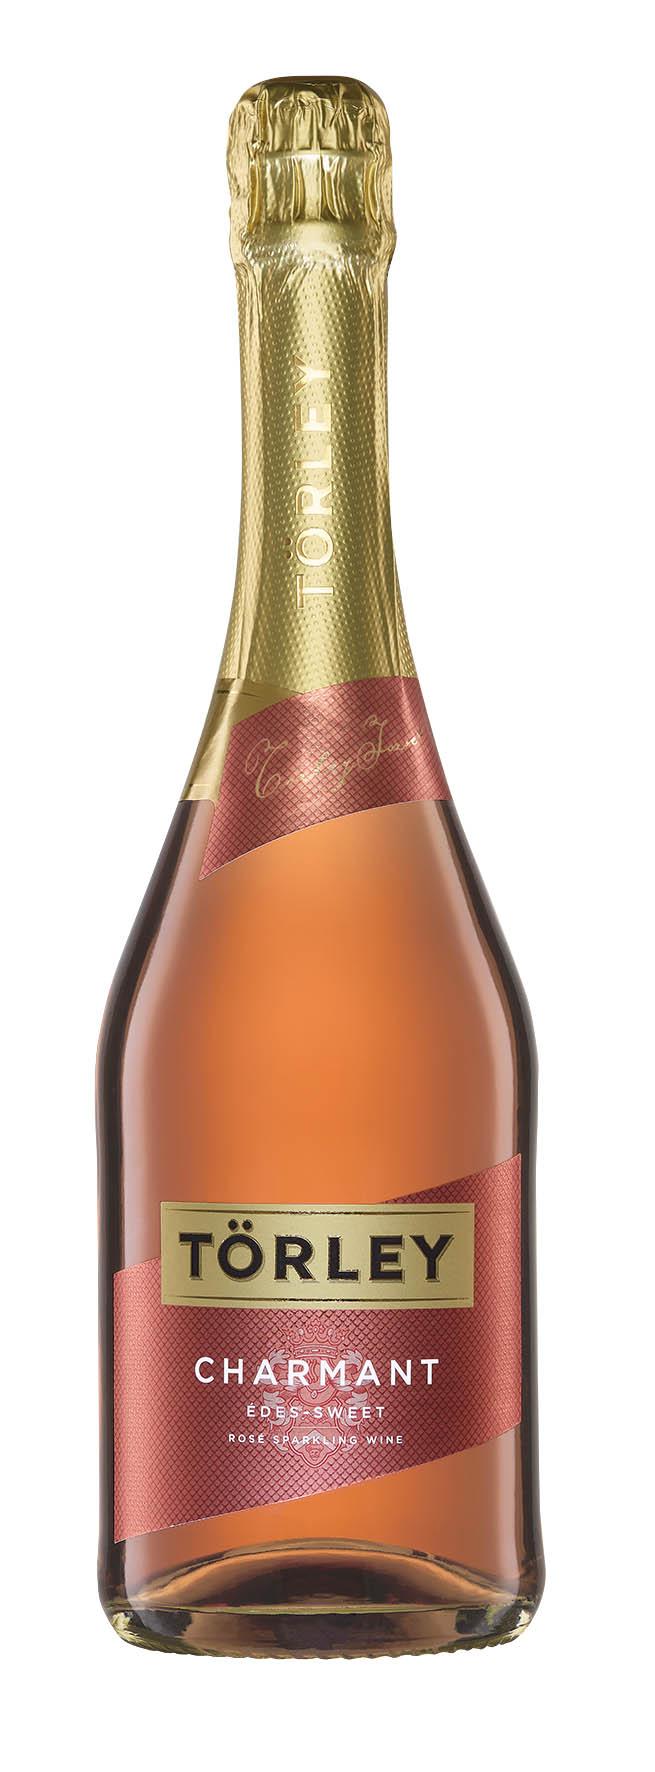 Törley Charmant růžové - sladké šumivé víno Törley Charmant Rosé Doux